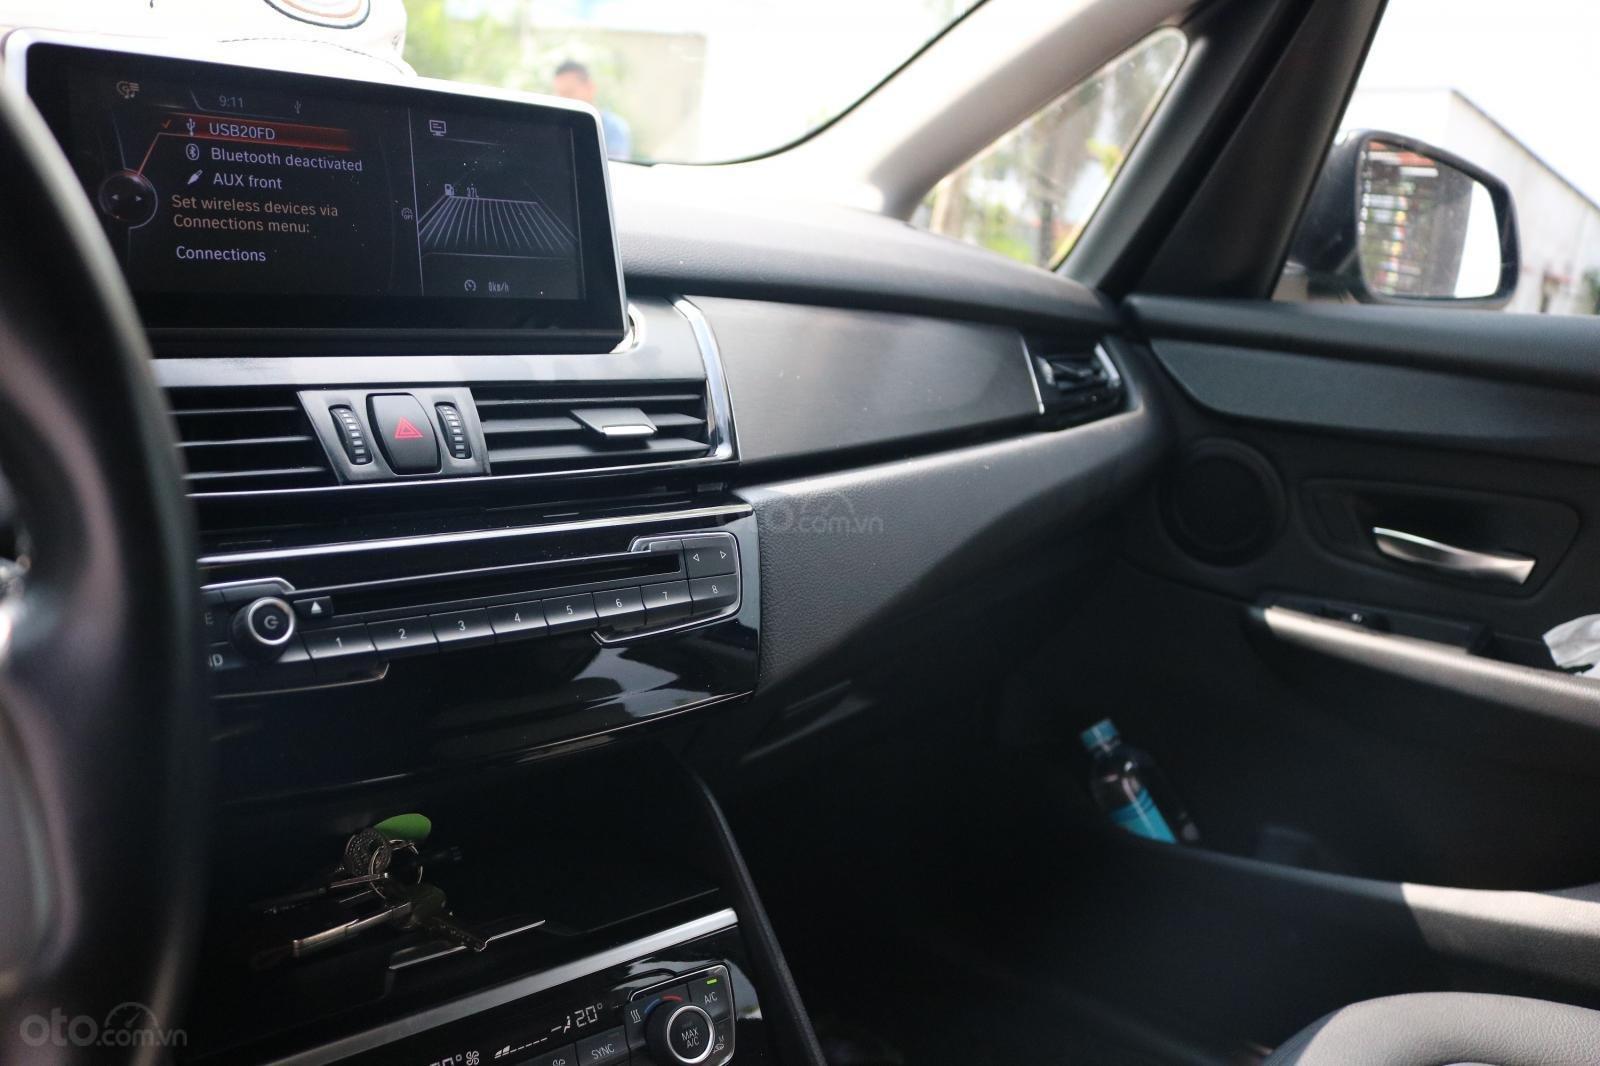 Bán BMW 218i Active Tourer 2015, đã đi 35000km, xe chính chủ-6